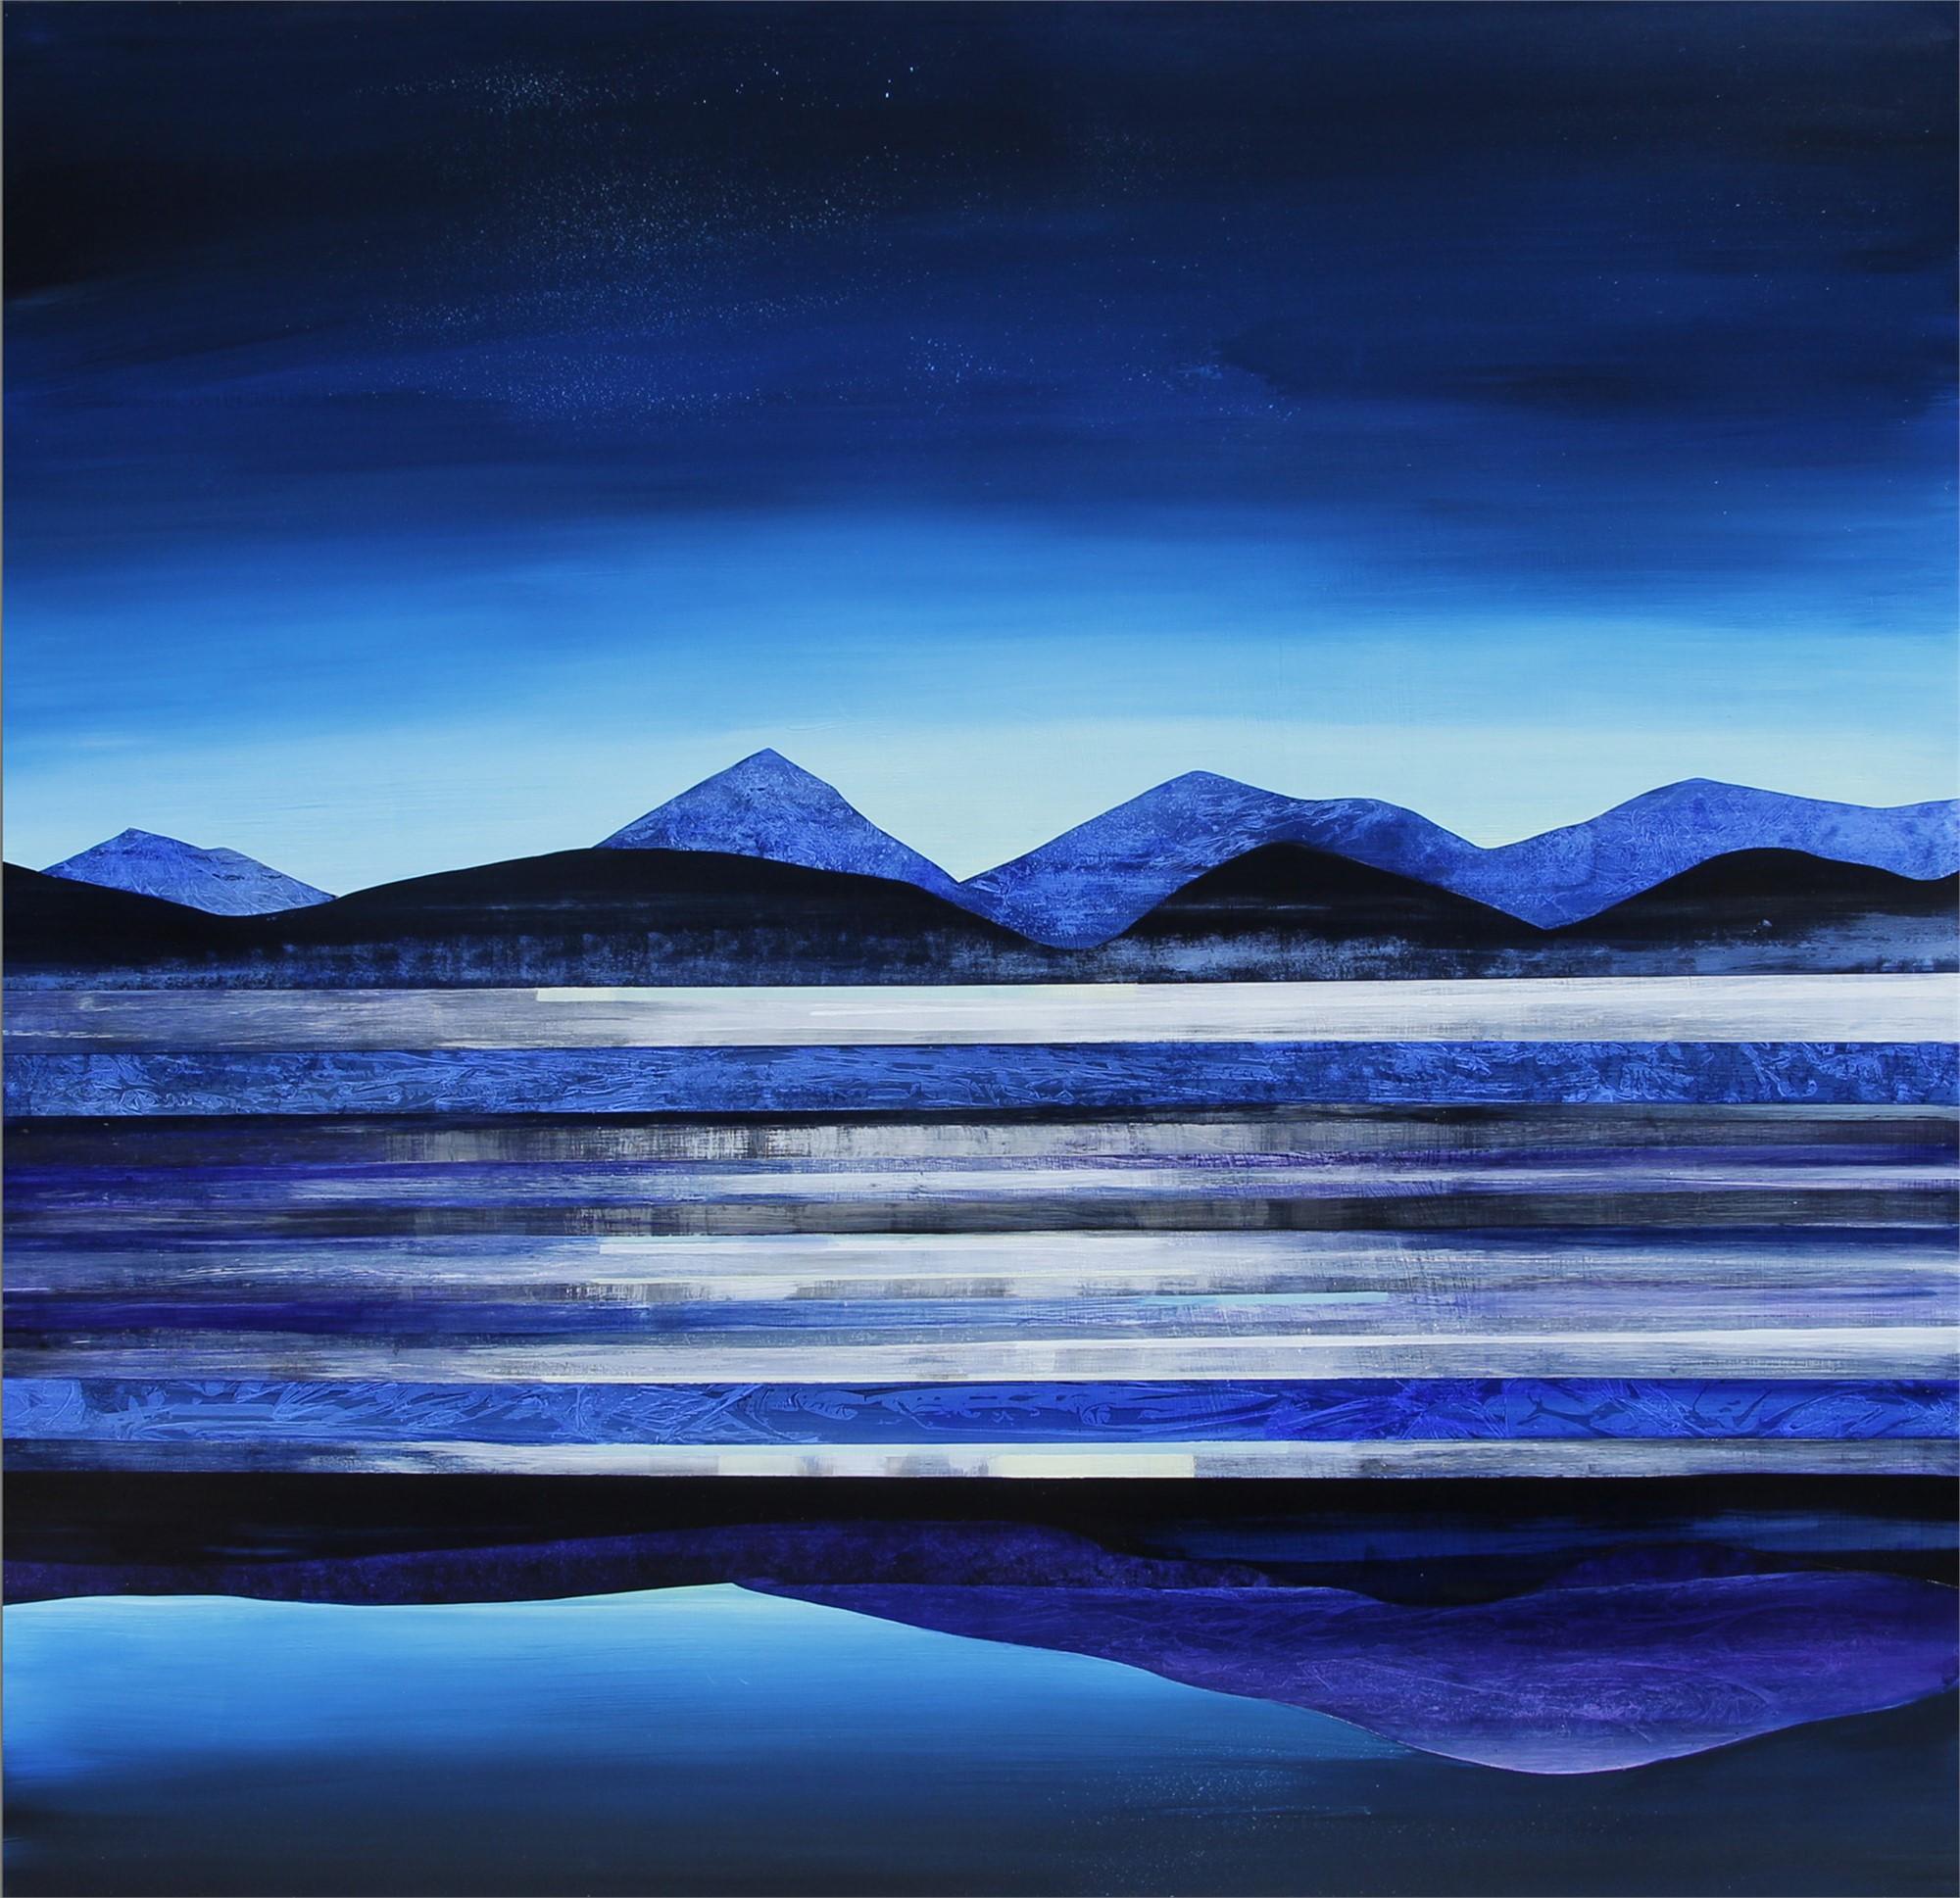 Pale Moon Rising, Collegiate Peaks by Sarah Winkler